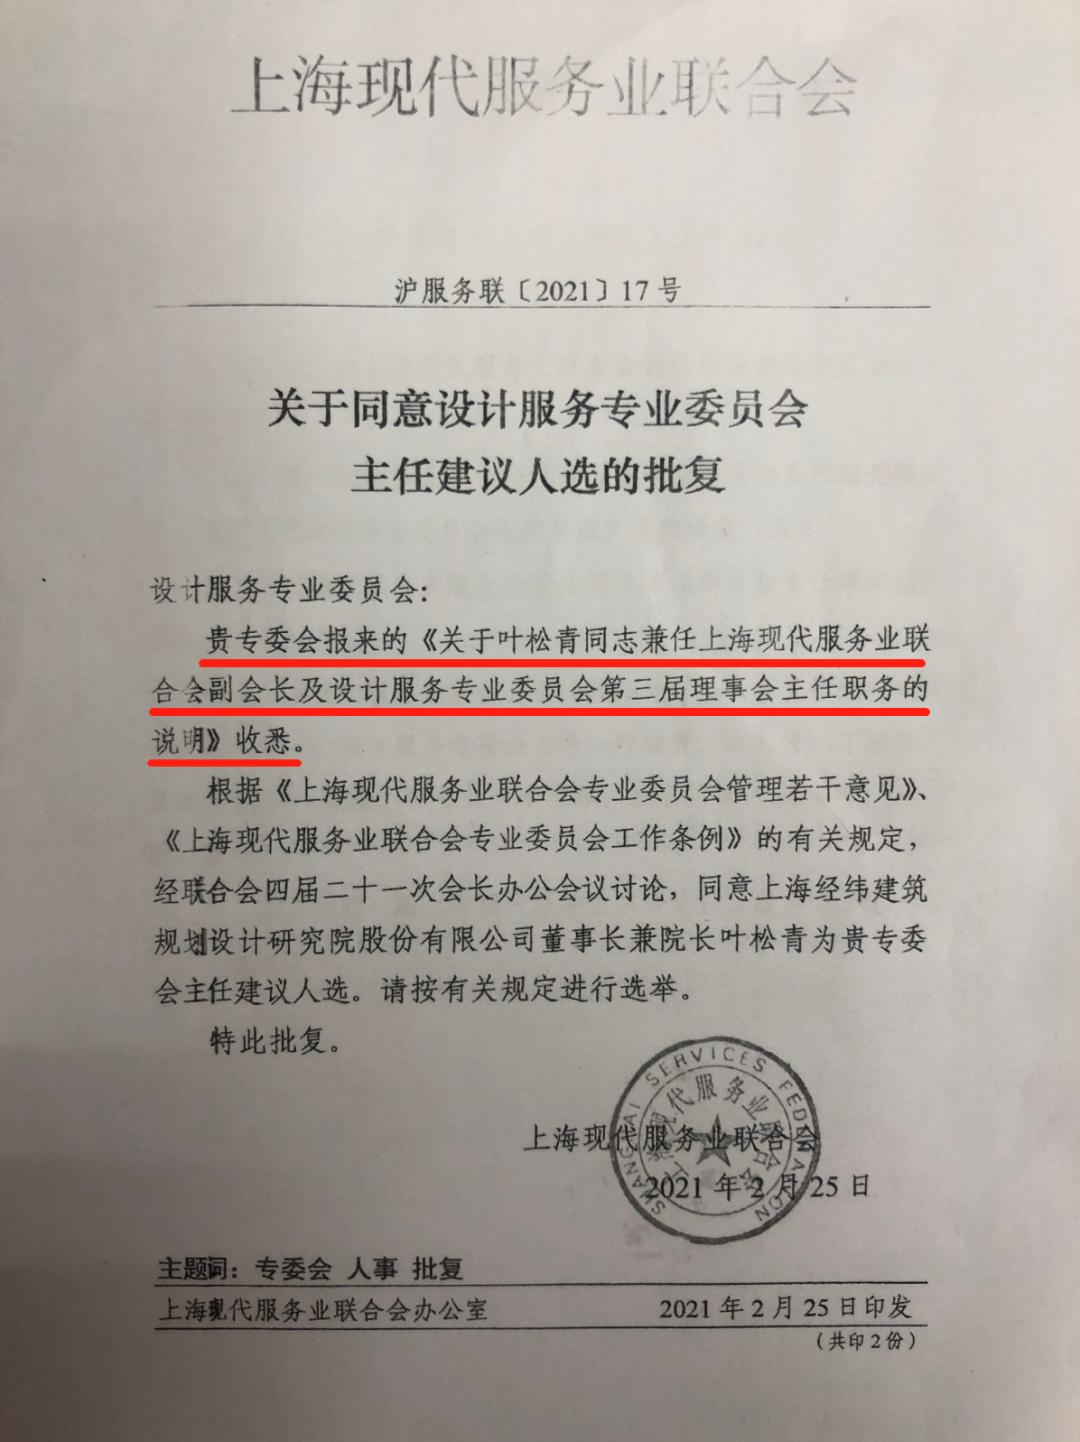 LDG动态︱上海现代服务业联合会设计服务专业委员会理事会顺利召开